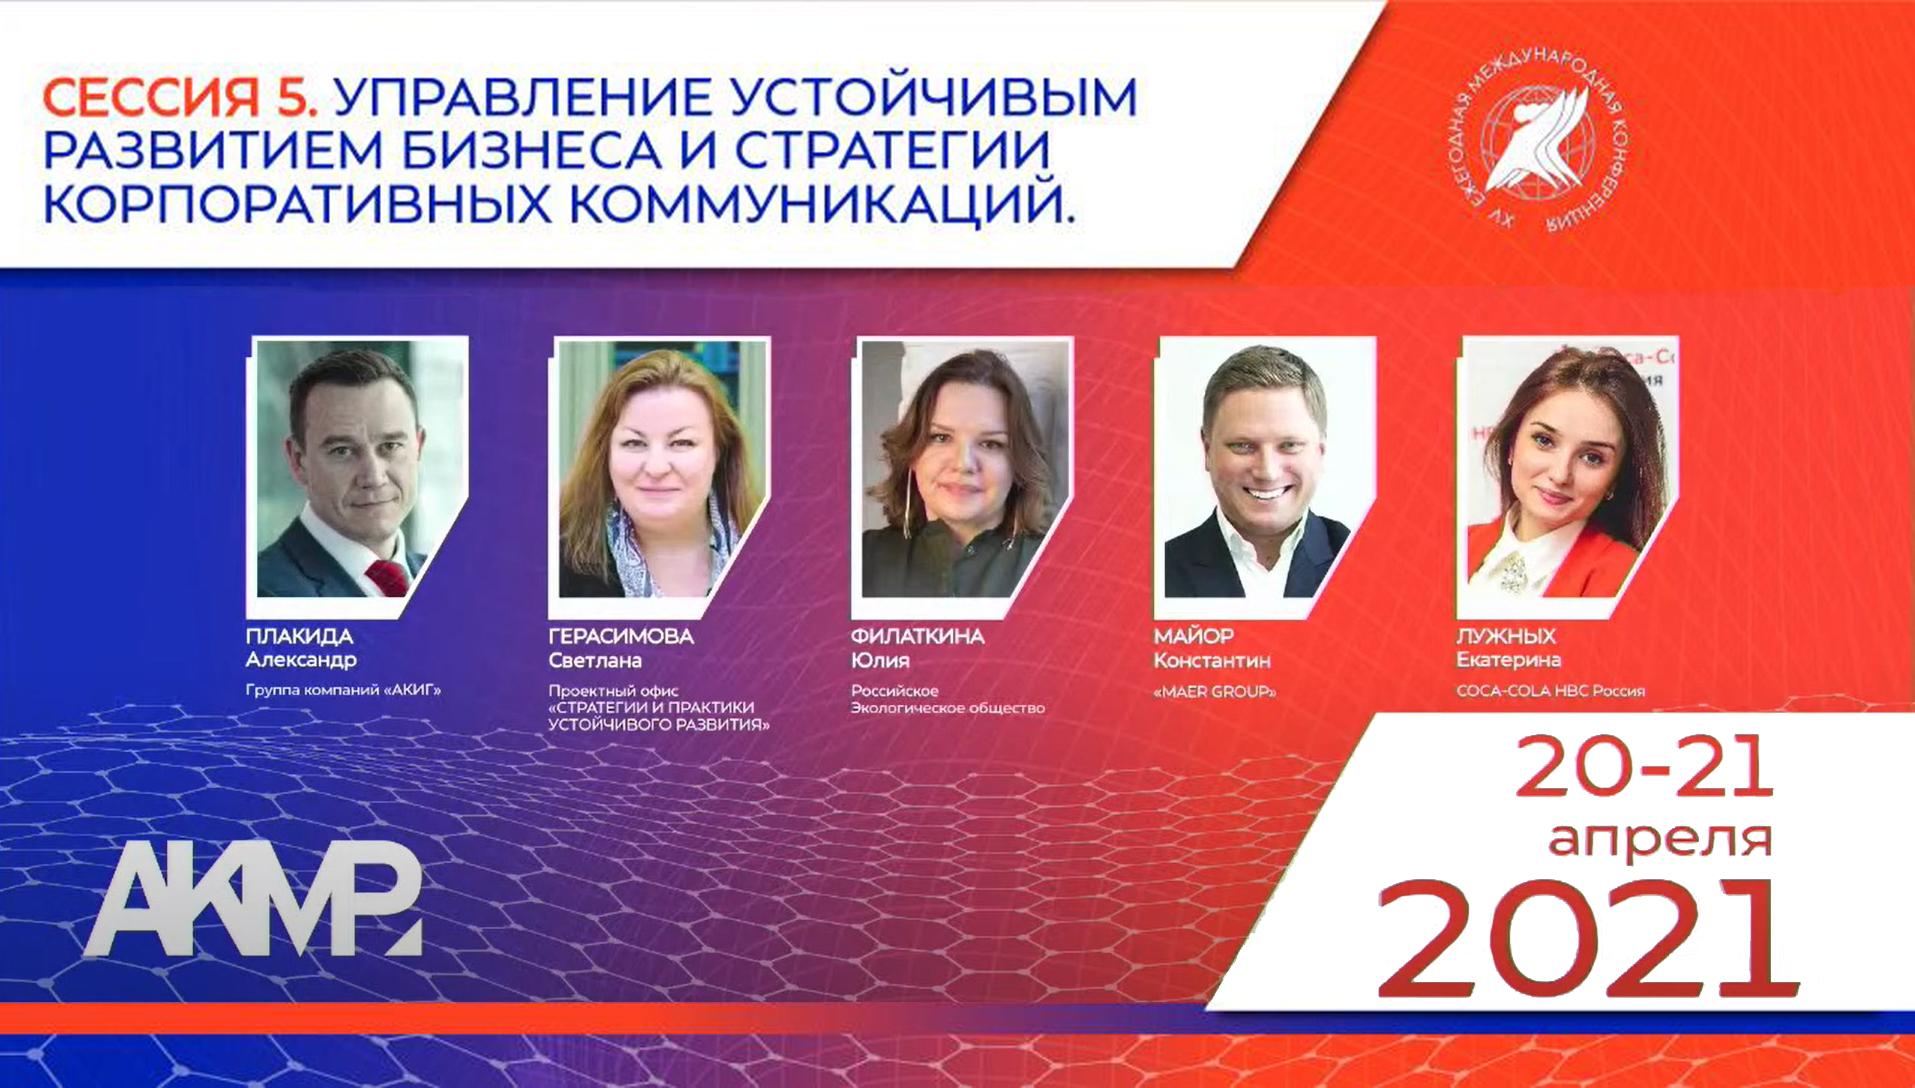 Юлия Филаткина приняла участие в дискуссионной сессии «Управление устойчивым развитием бизнеса и стратегии корпоративных коммуникаций»